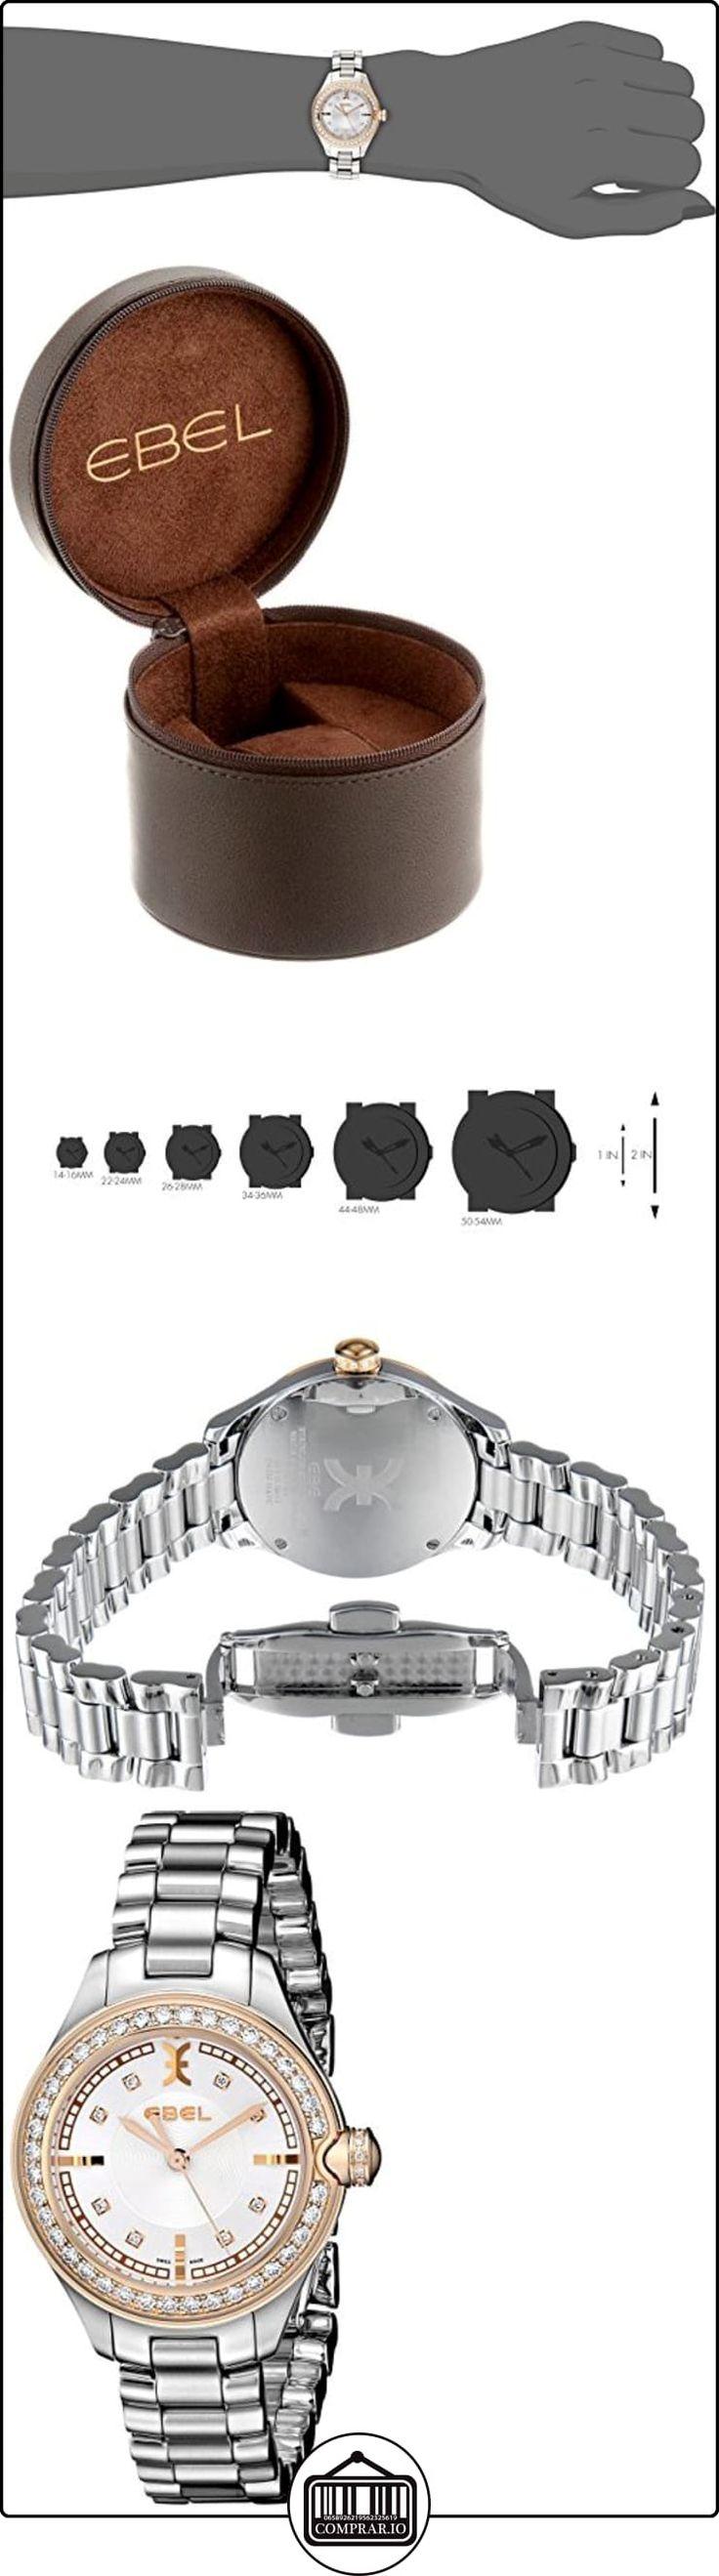 Ebel 1216097Observatorio Nacional de la mujer cuarzo analógico Swiss Plateado Reloj  ✿ Relojes para mujer - (Lujo) ✿